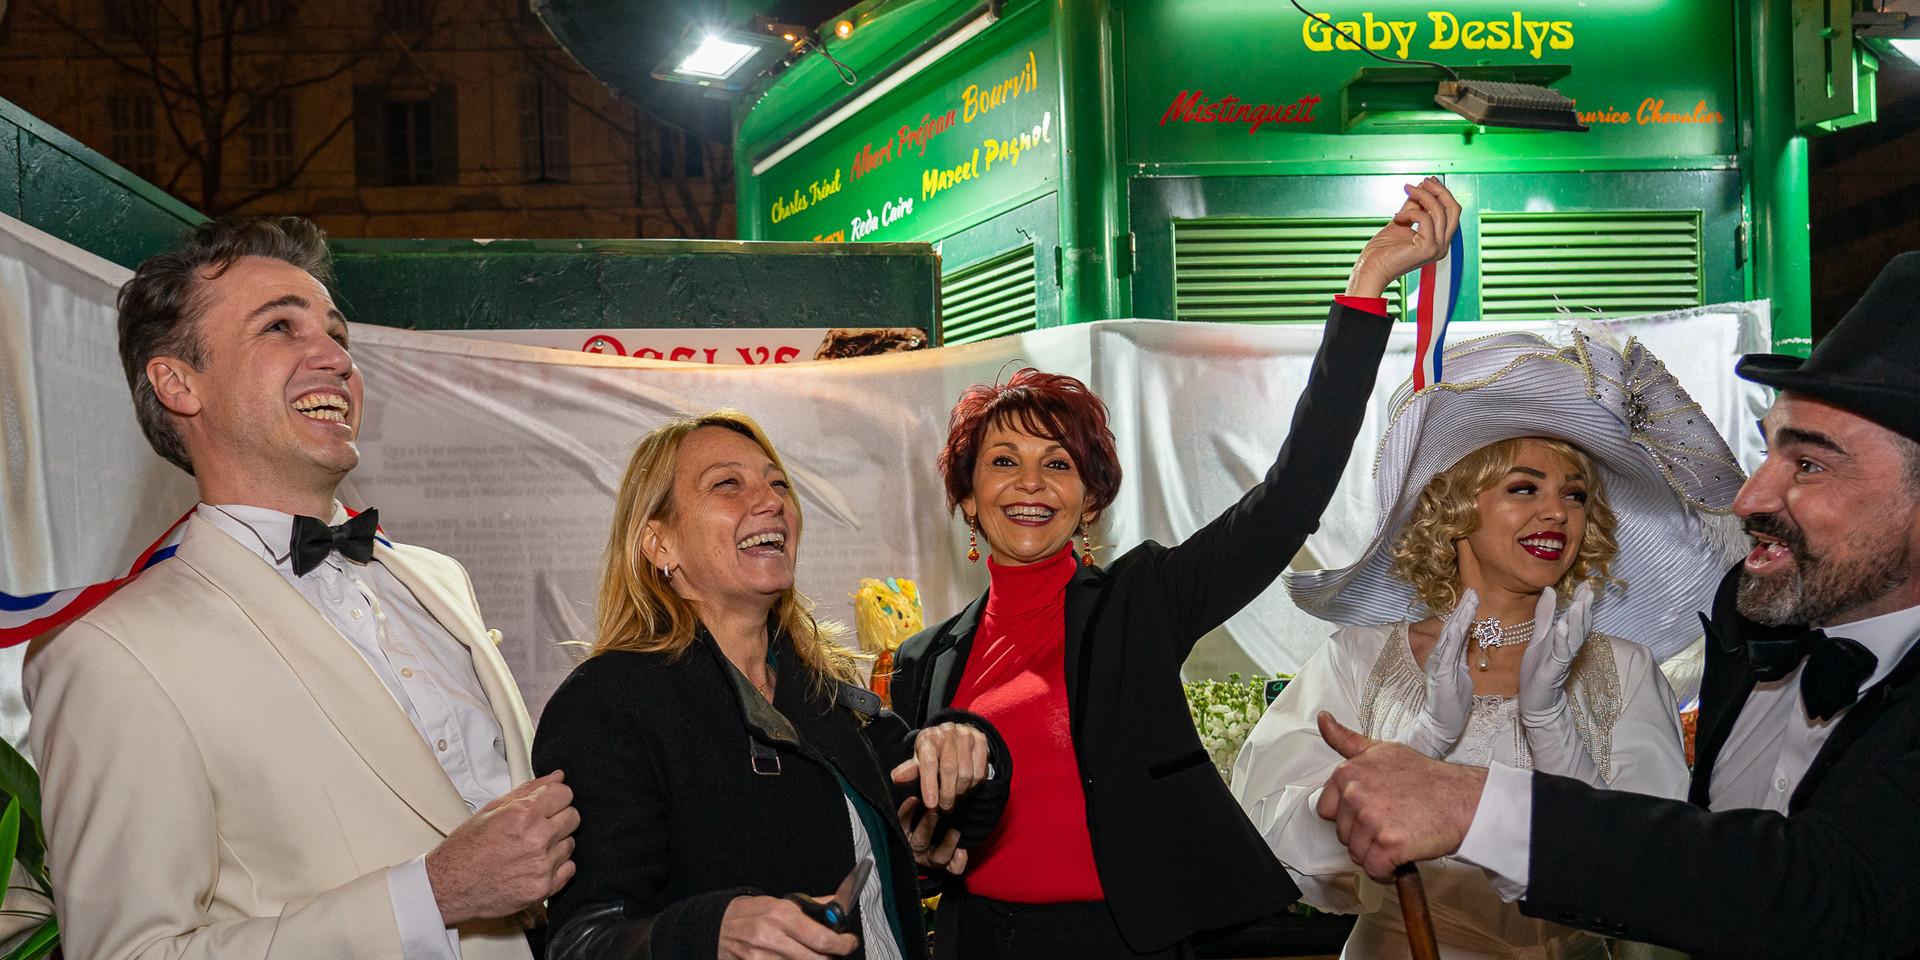 La Quique Gaby Deslys-03776.jpg